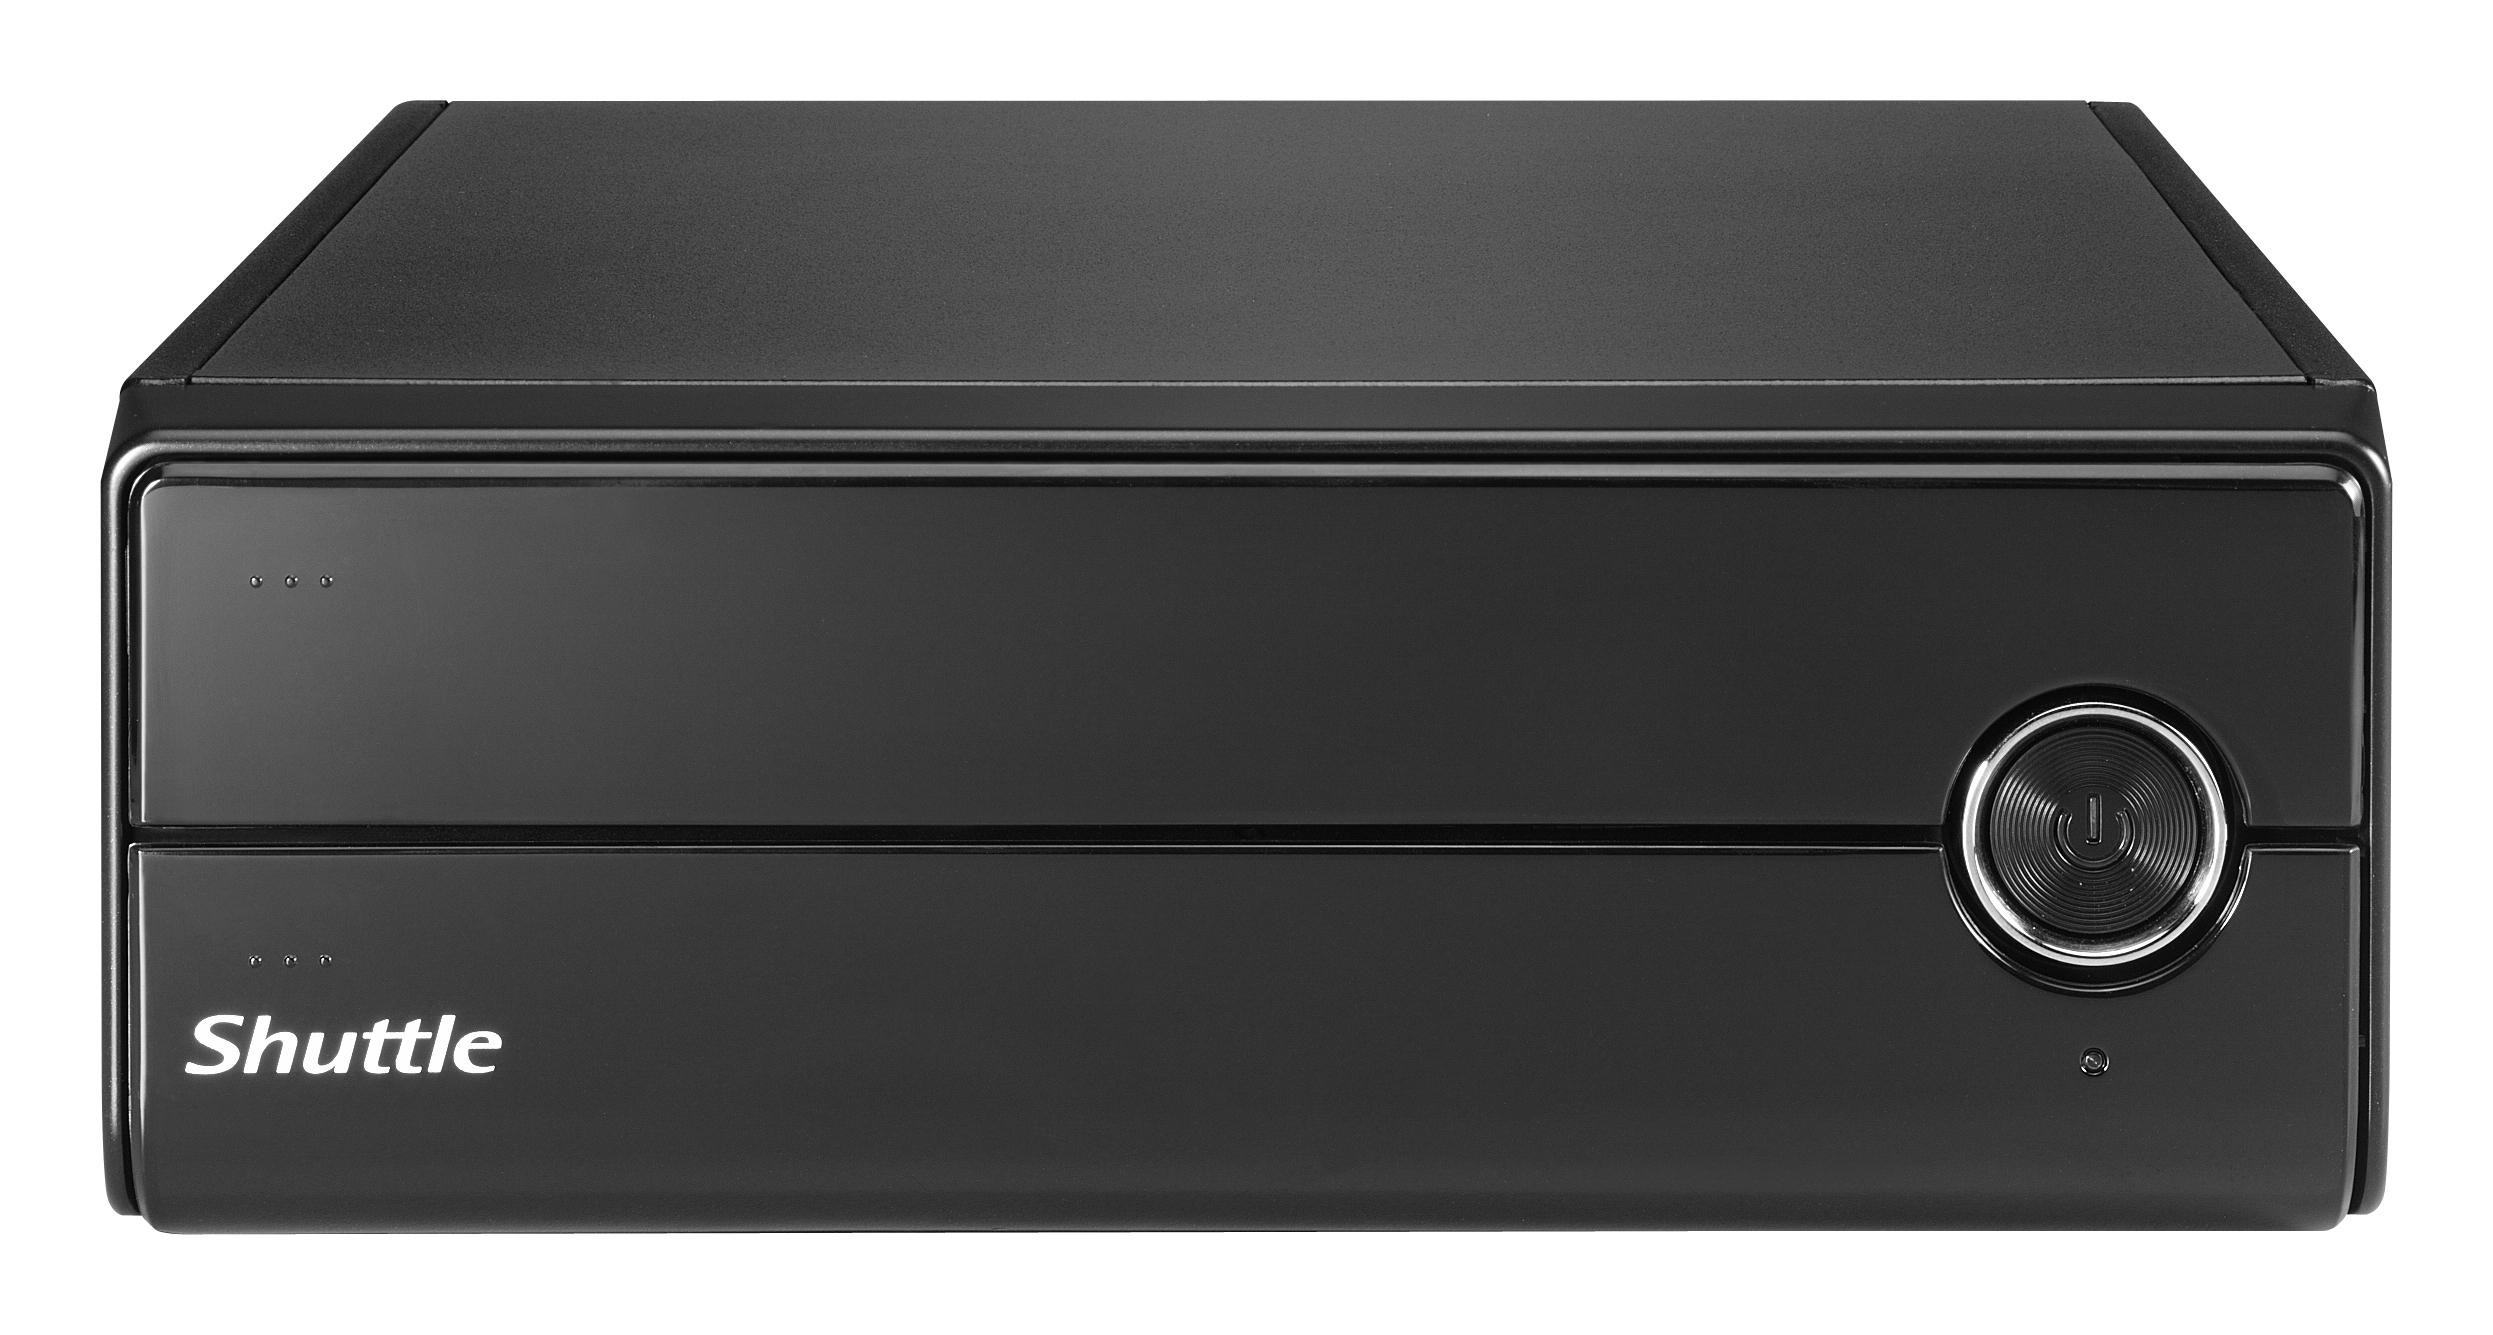 SHUTTLE Barebone XPC slim XH81V Sockel LGA 1150 Haswell  2XDDR3 3XSATA Intel H81 Heatpipe HDMI/DP schwarz